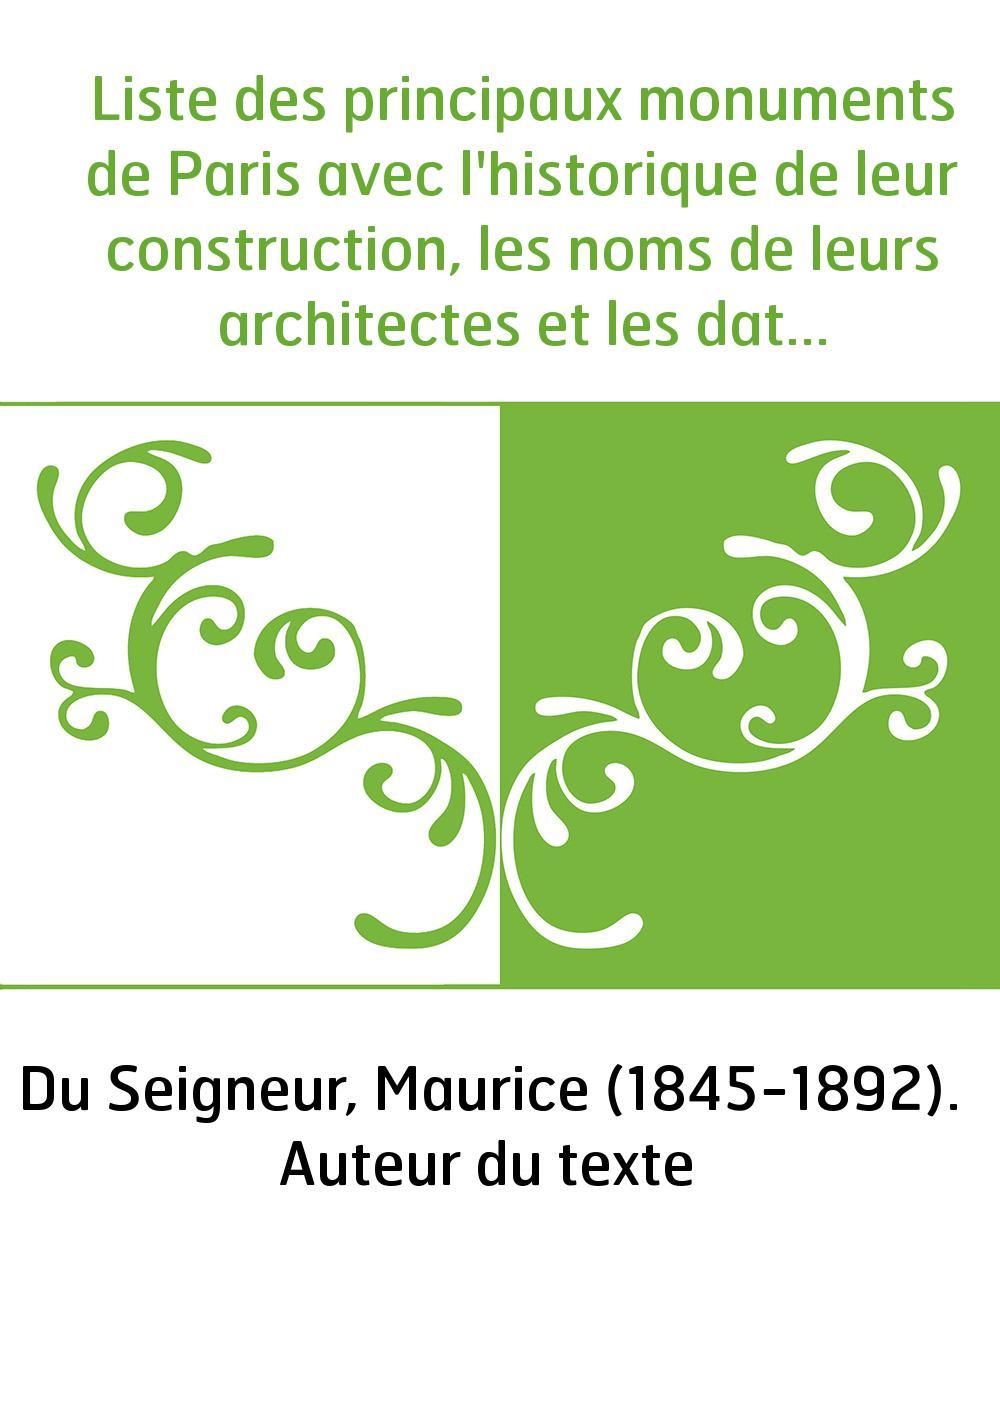 Liste des principaux monuments de Paris avec l'historique de leur construction, les noms de leurs architectes et les dates auxqu